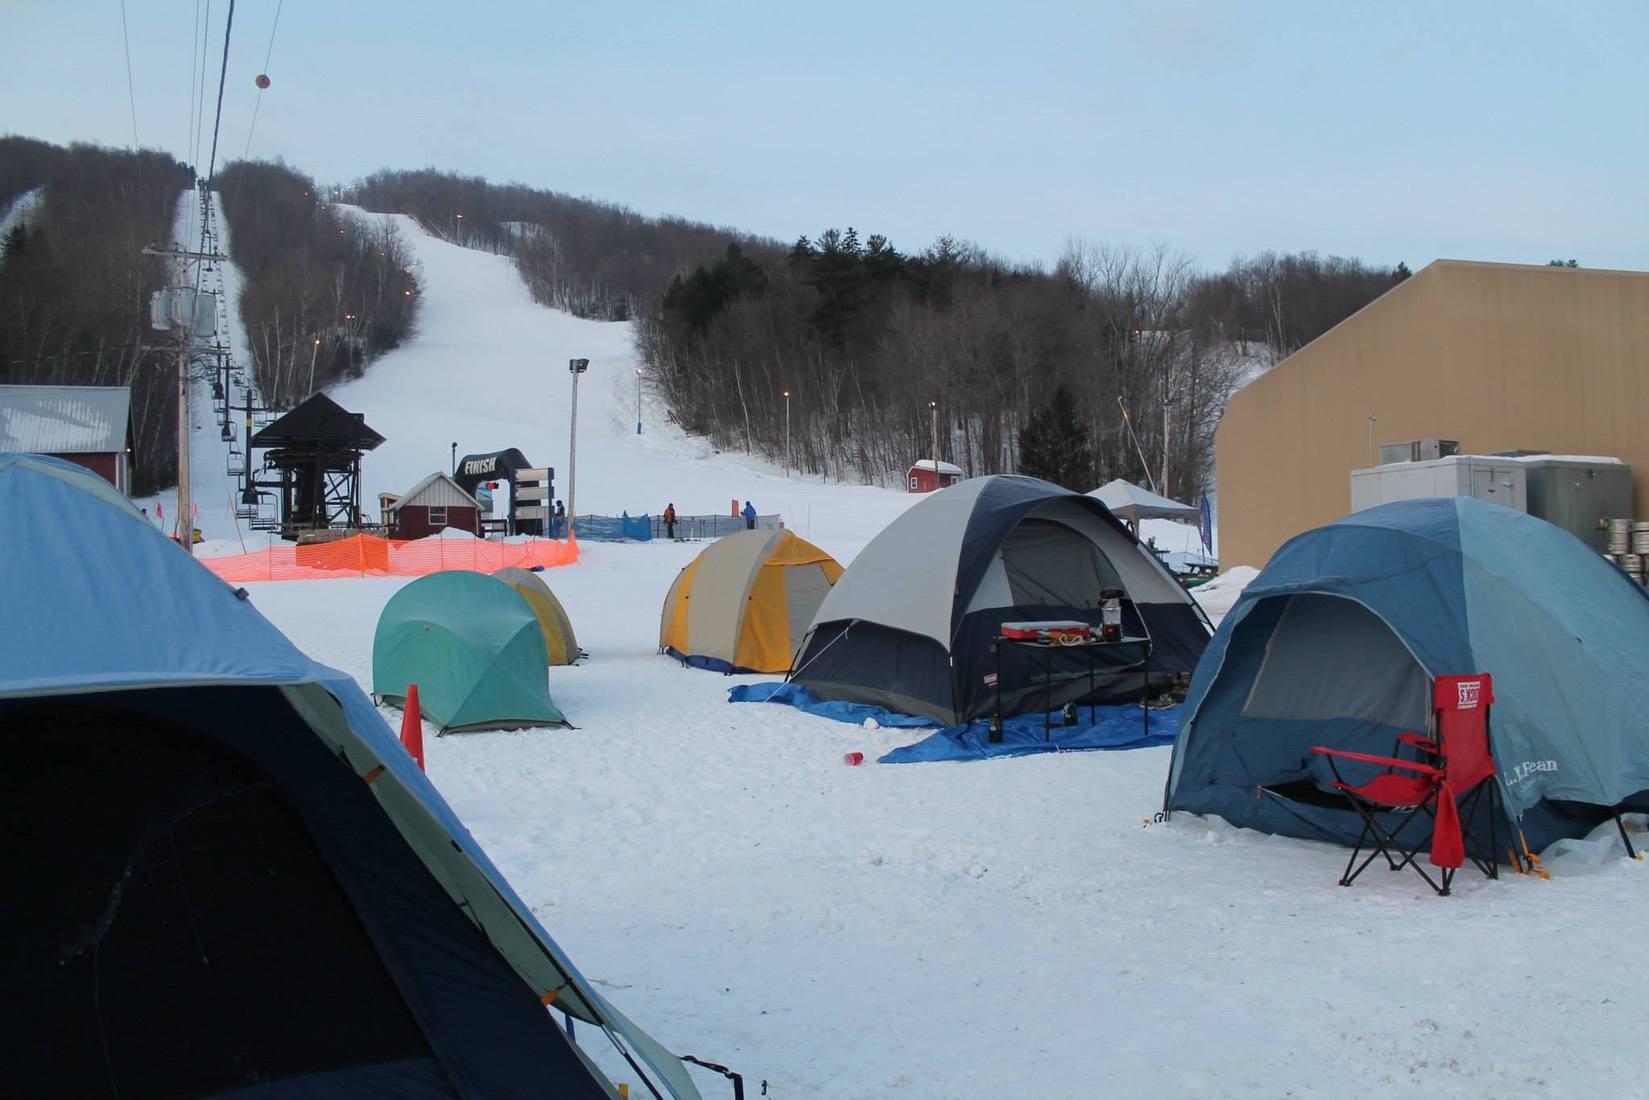 WinterKids Downhill24 2015 Mount Abram176